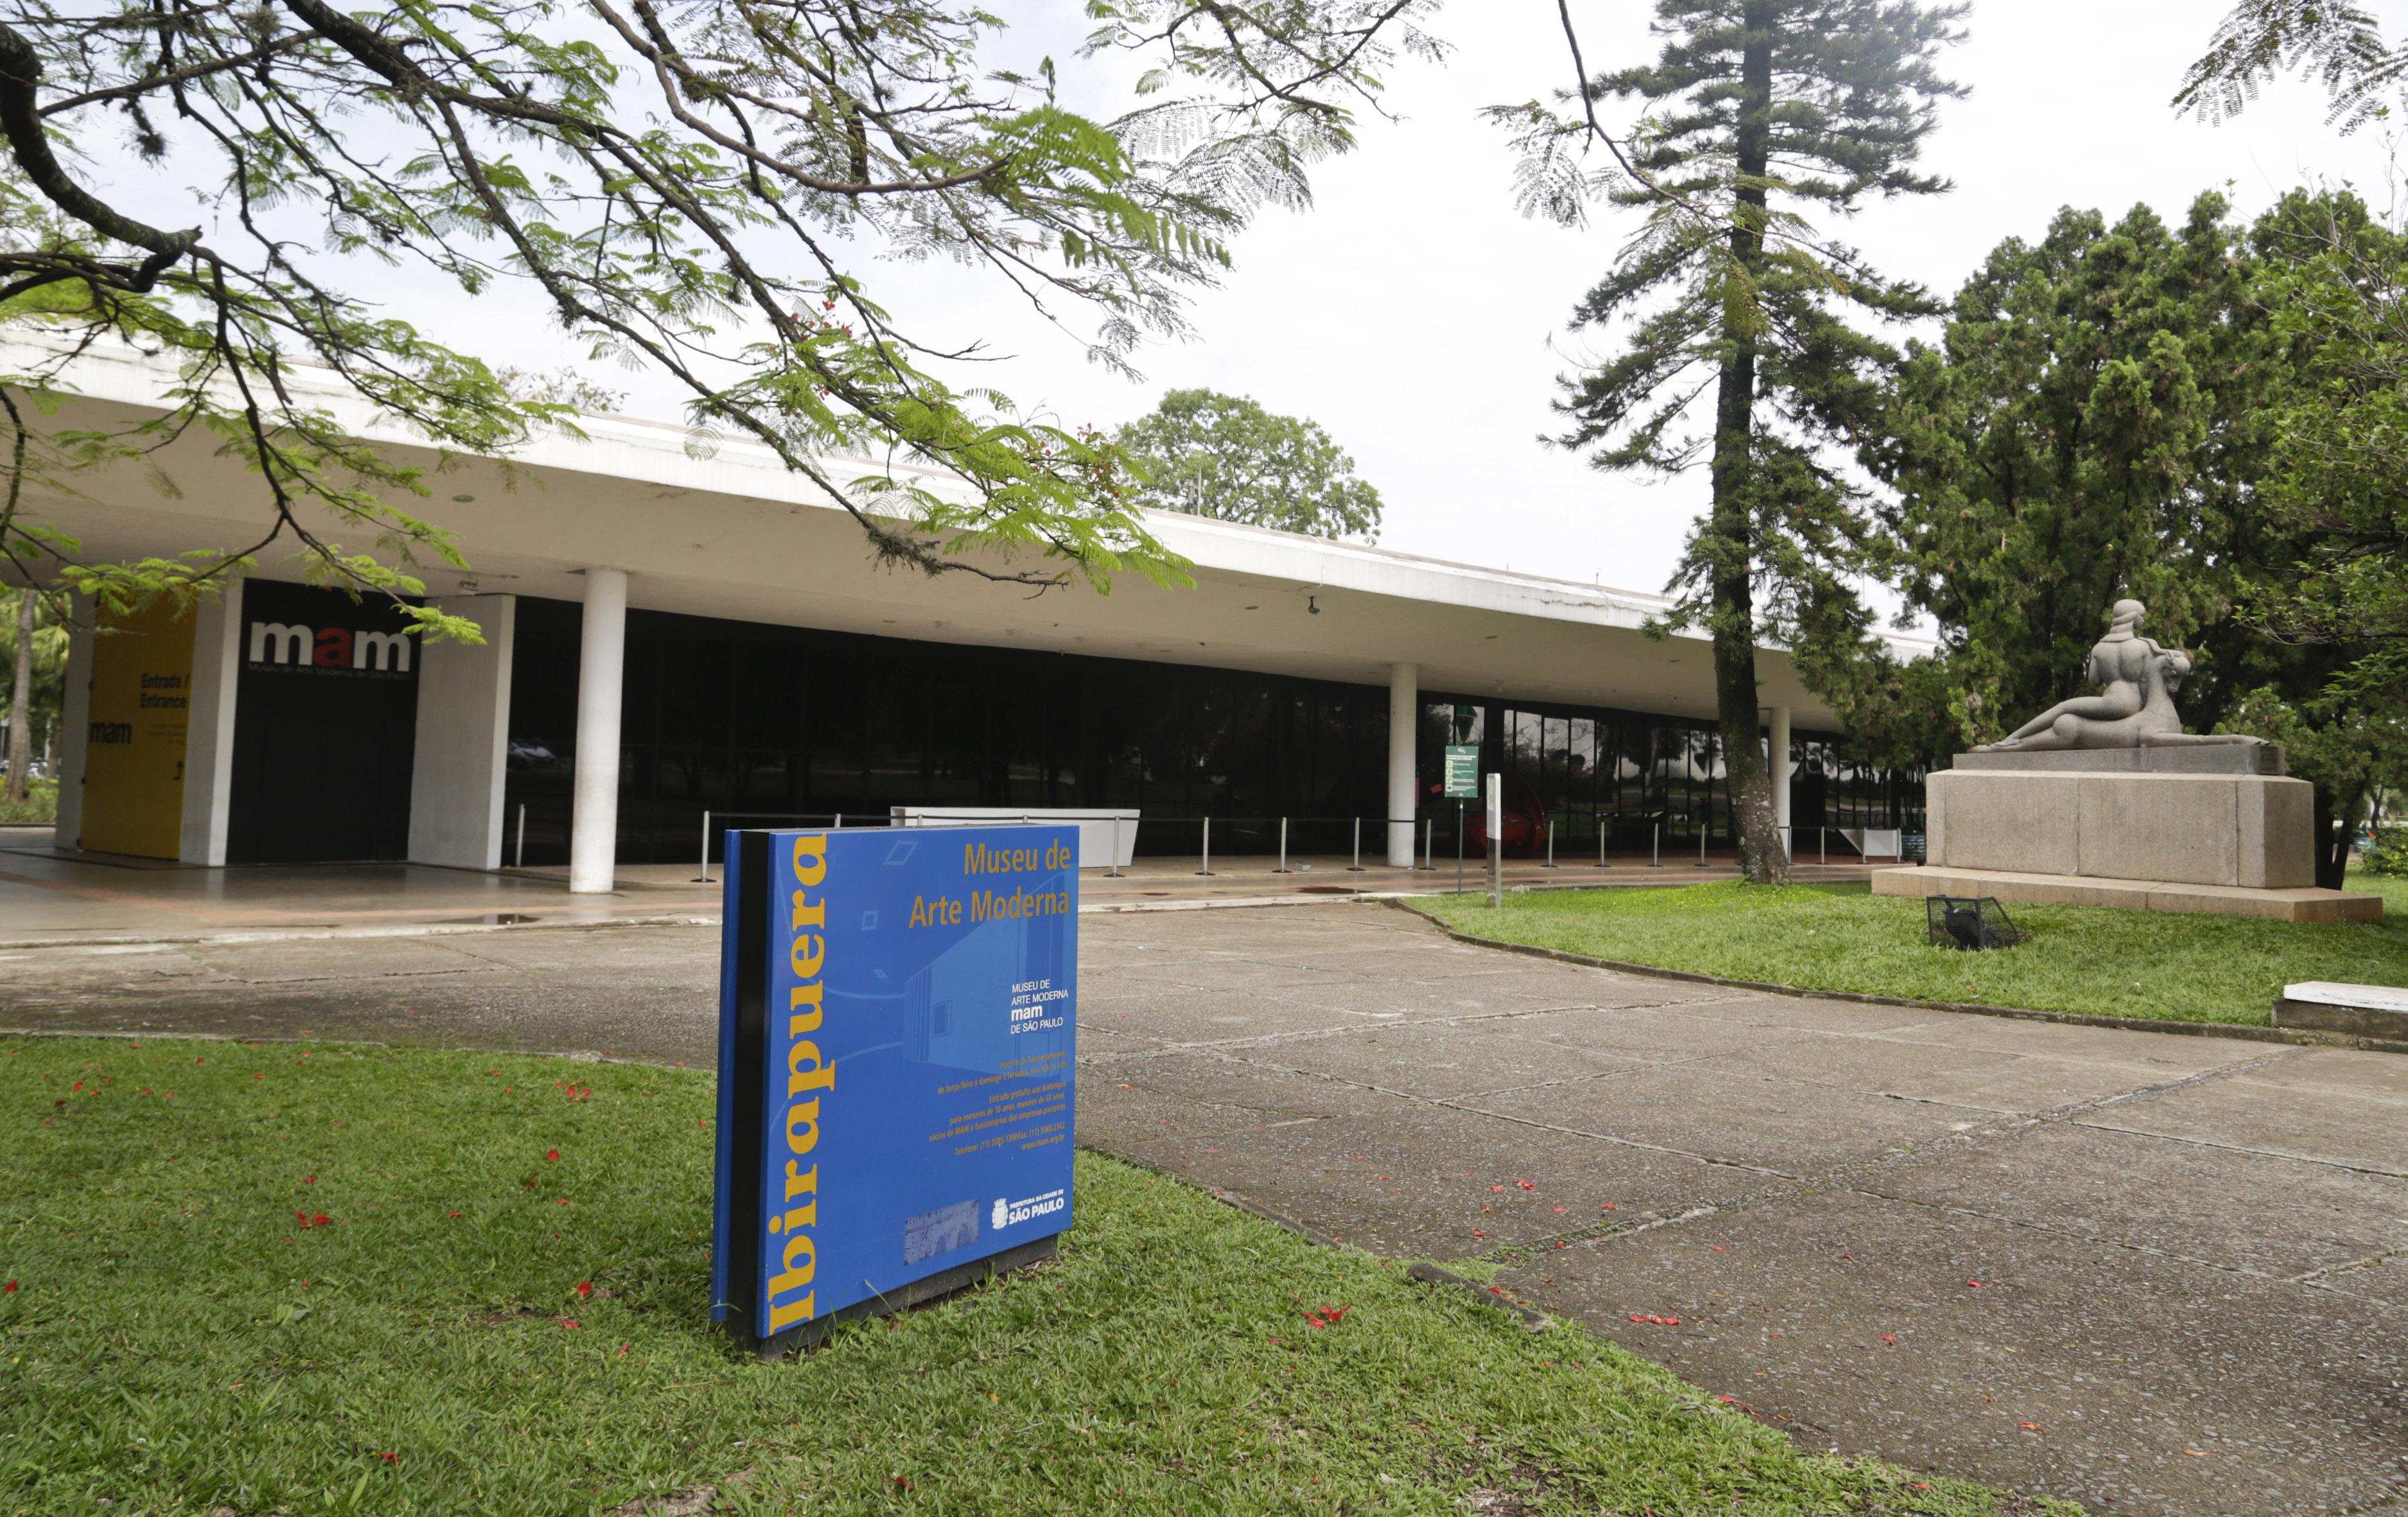 MAM – São Paulo (SP) – 09.11.2015 – geral – Vista da fachada do Museu de Arte Moderna MAM, no Parque Ibirapuera. Foto: Jose Cordeiro/SPTuris